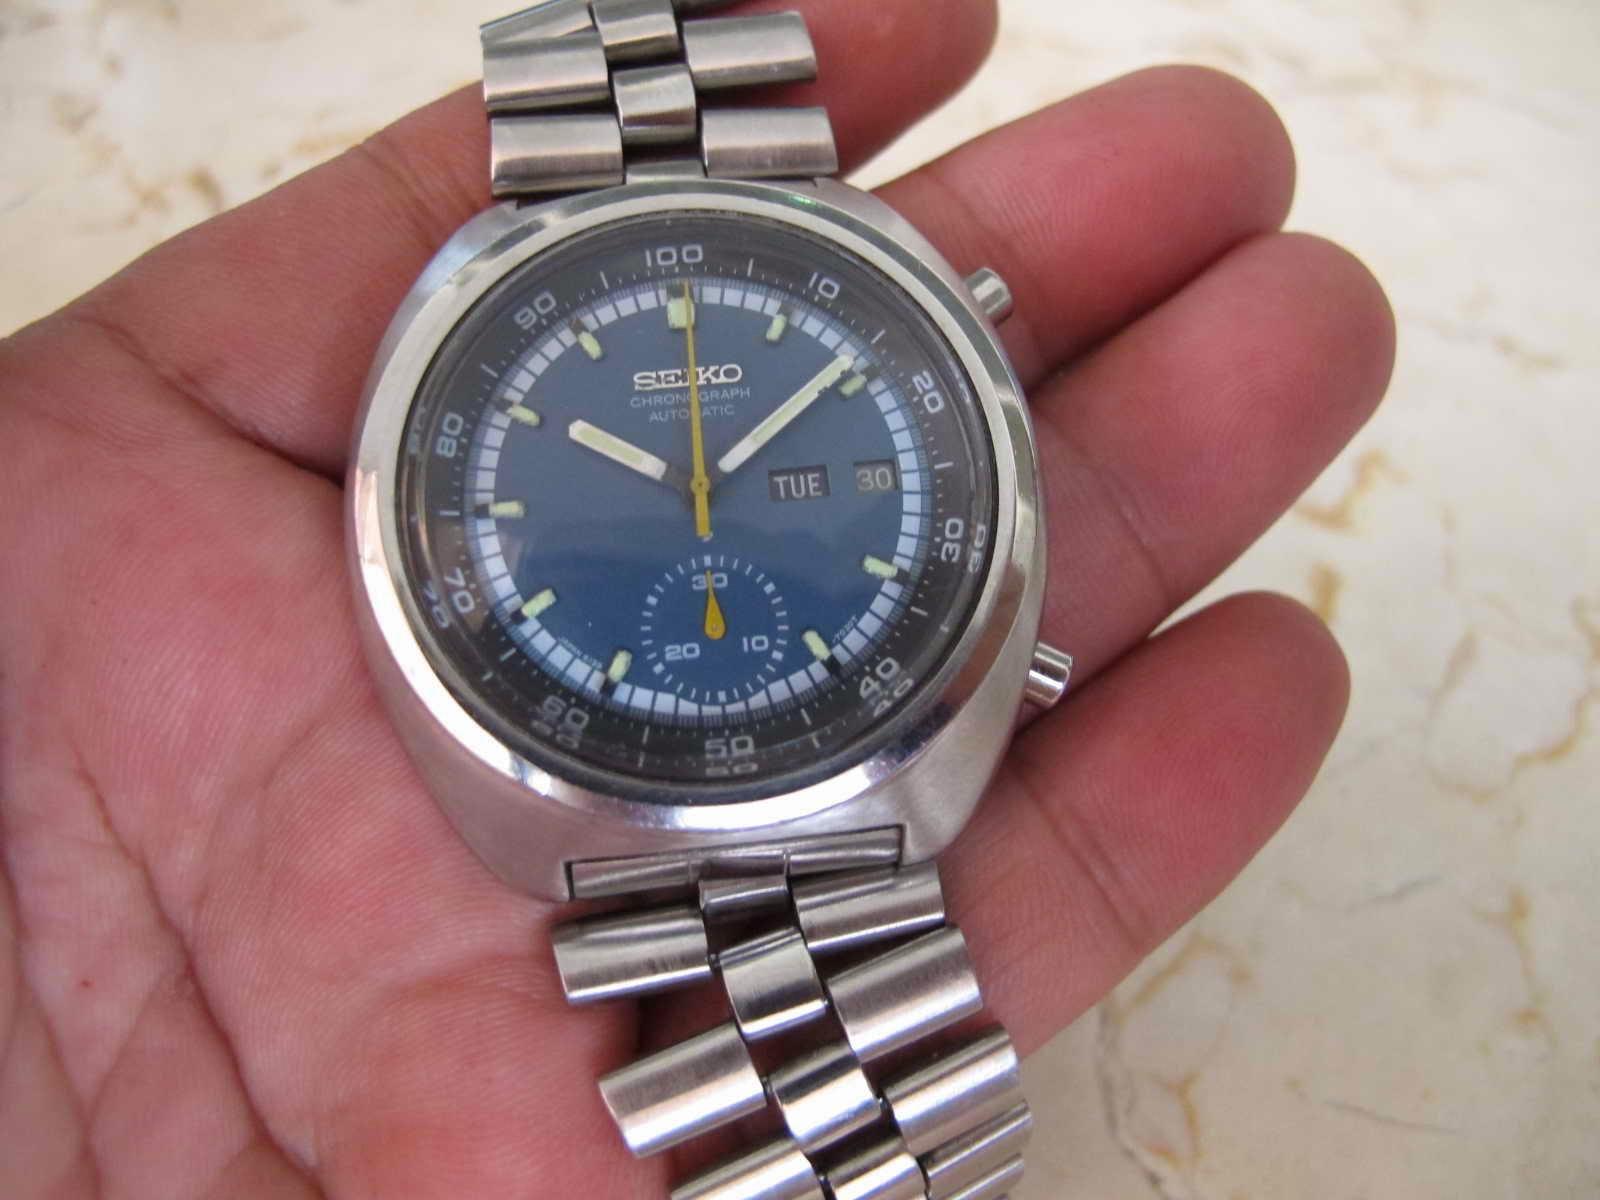 Cocok untuk Anda yang sedang mencari jam legendaris Seiko Chronograph  dengan sebutan JENGKOL ini... dengan kondisi maknyus. 4571669560